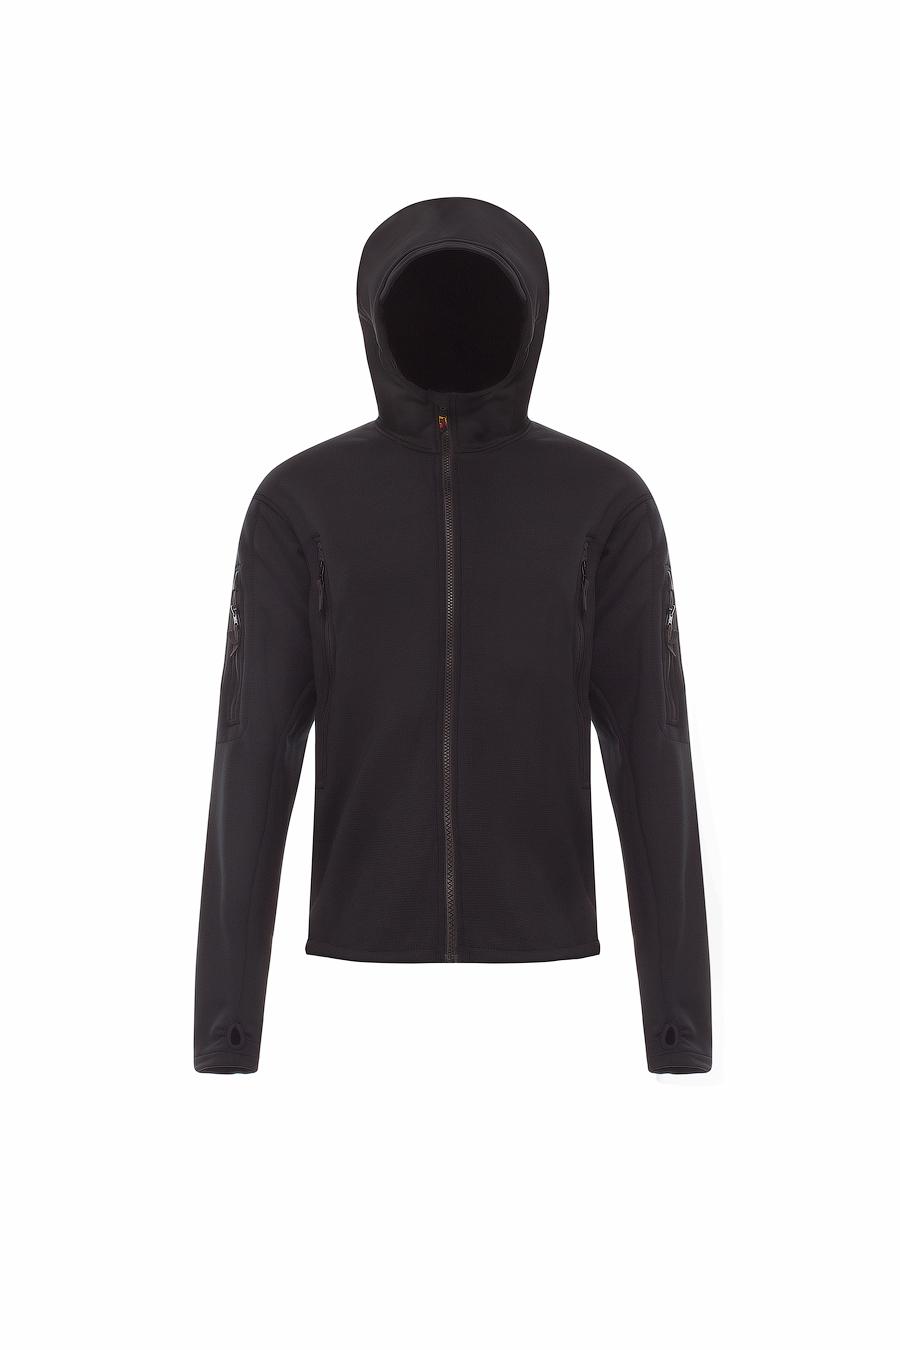 Куртка BASK EXPERT 4955Мужская куртка анатомического кроя из ткани Polartec&amp;reg; Wind Pro&amp;reg;. Предназначена для всесезонного использования. Зимой - в качестве утепляющего слоя, а в остальное время года - как самостоятельная куртка.<br><br>Боковые карманы: 2<br>Вес граммы: 710<br>Ветрозащитная планка: Нет<br>Внутренние карманы: 2<br>Материал: Polartec Wind Pro®<br>Пол: Муж.<br>Регулировка вентиляции: Нет<br>Регулировка низа: Да<br>Регулируемые вентиляционные отверстия: Нет<br>Тип молнии: однозамковая<br>Усиление контактных зон: Нет<br>Размер INT: M<br>Цвет: ЧЕРНЫЙ